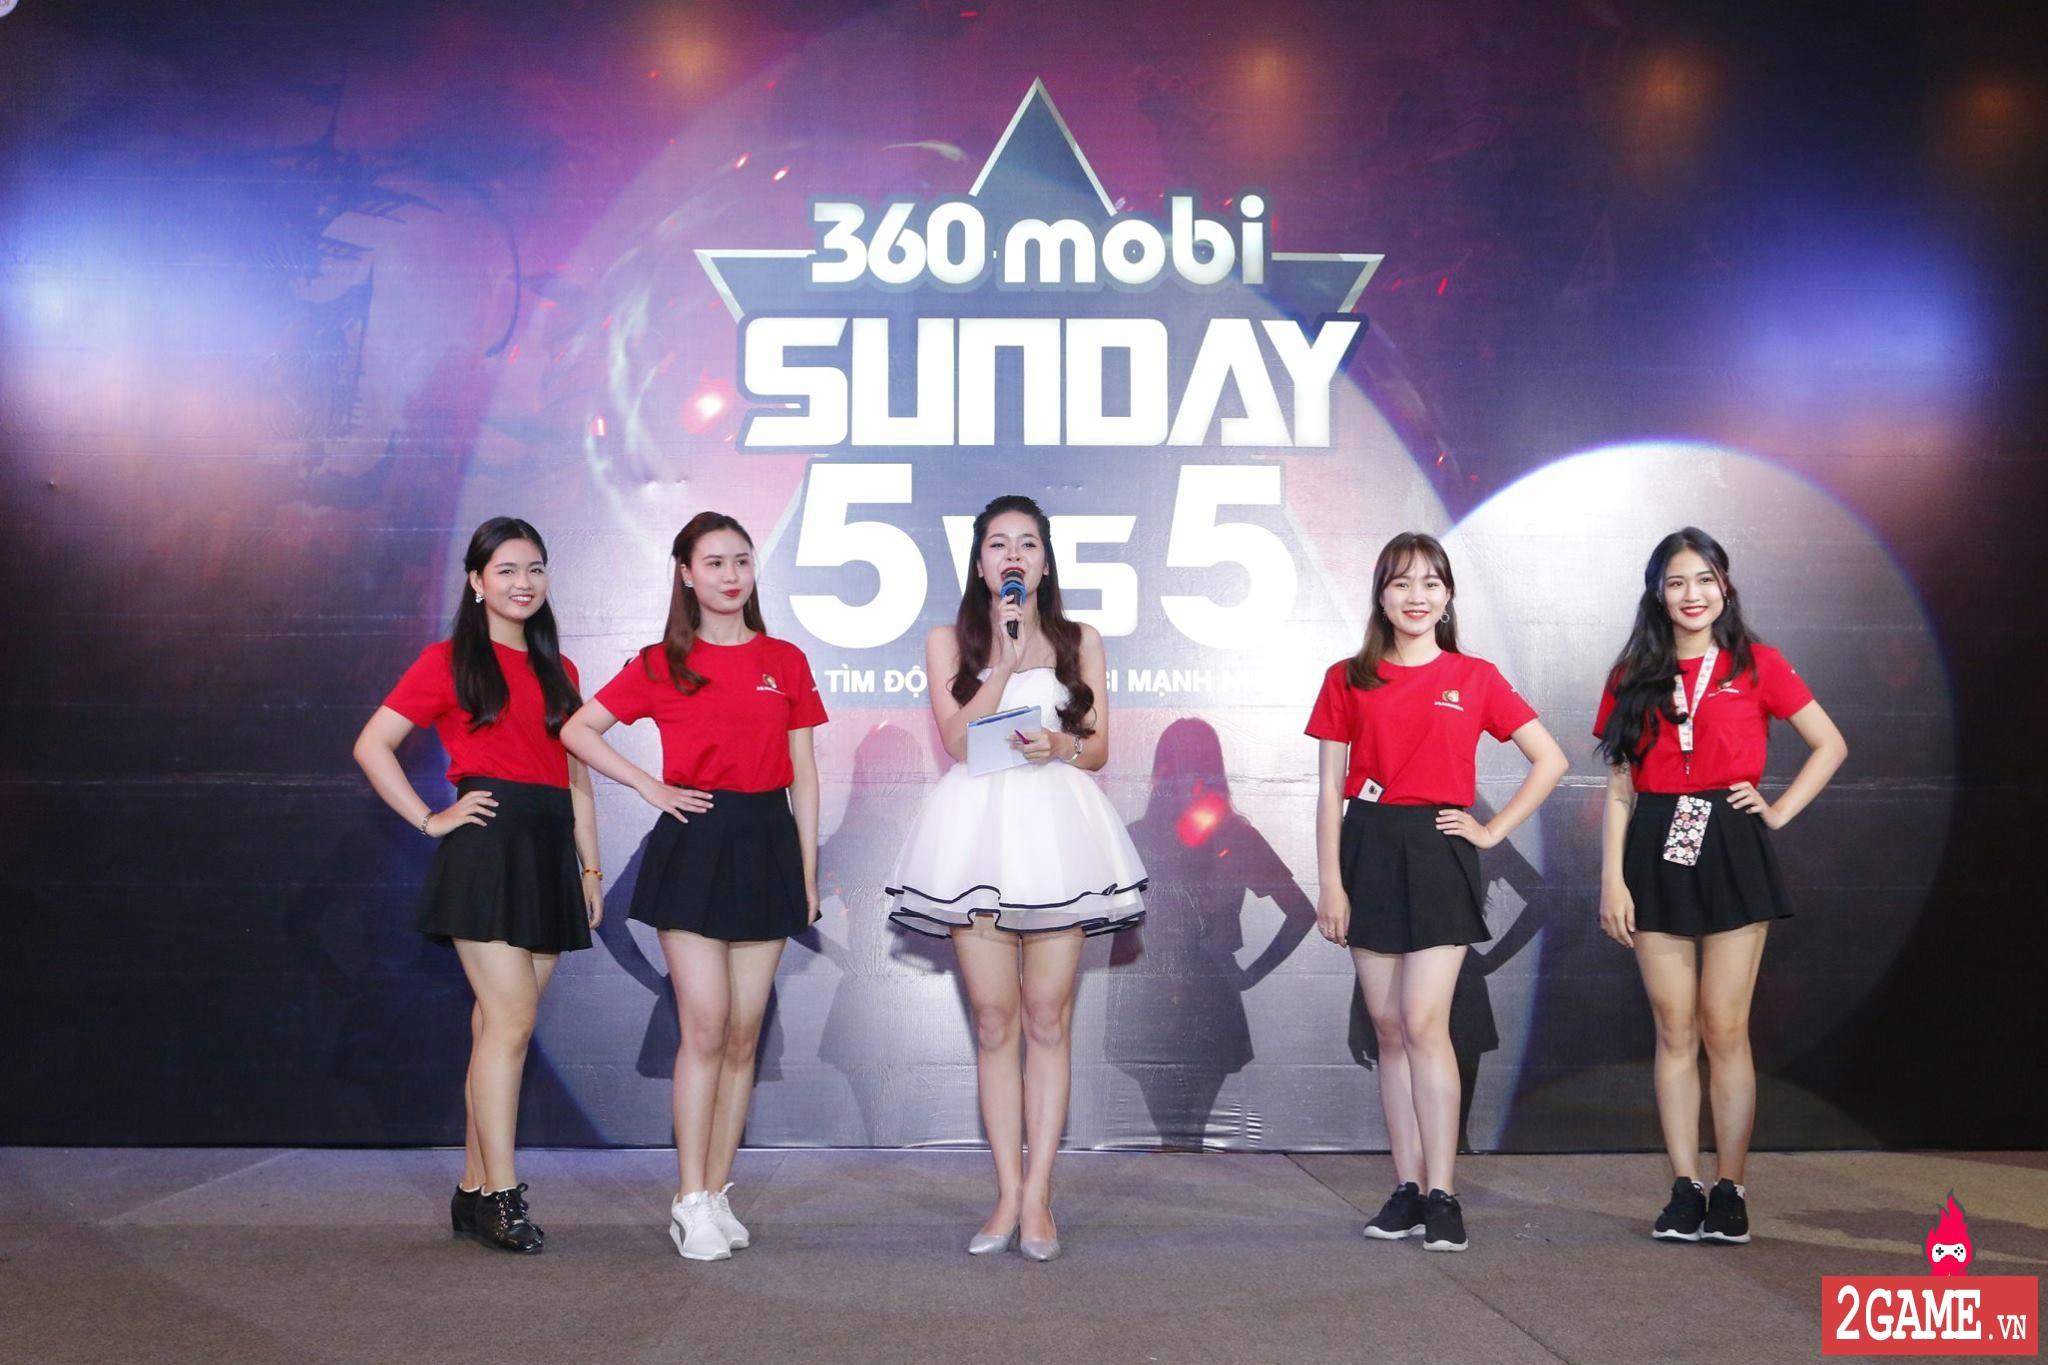 Rất đông game thủ 3Q 360mobi Sài Thành đến dự offline dù trời mưa bão 4